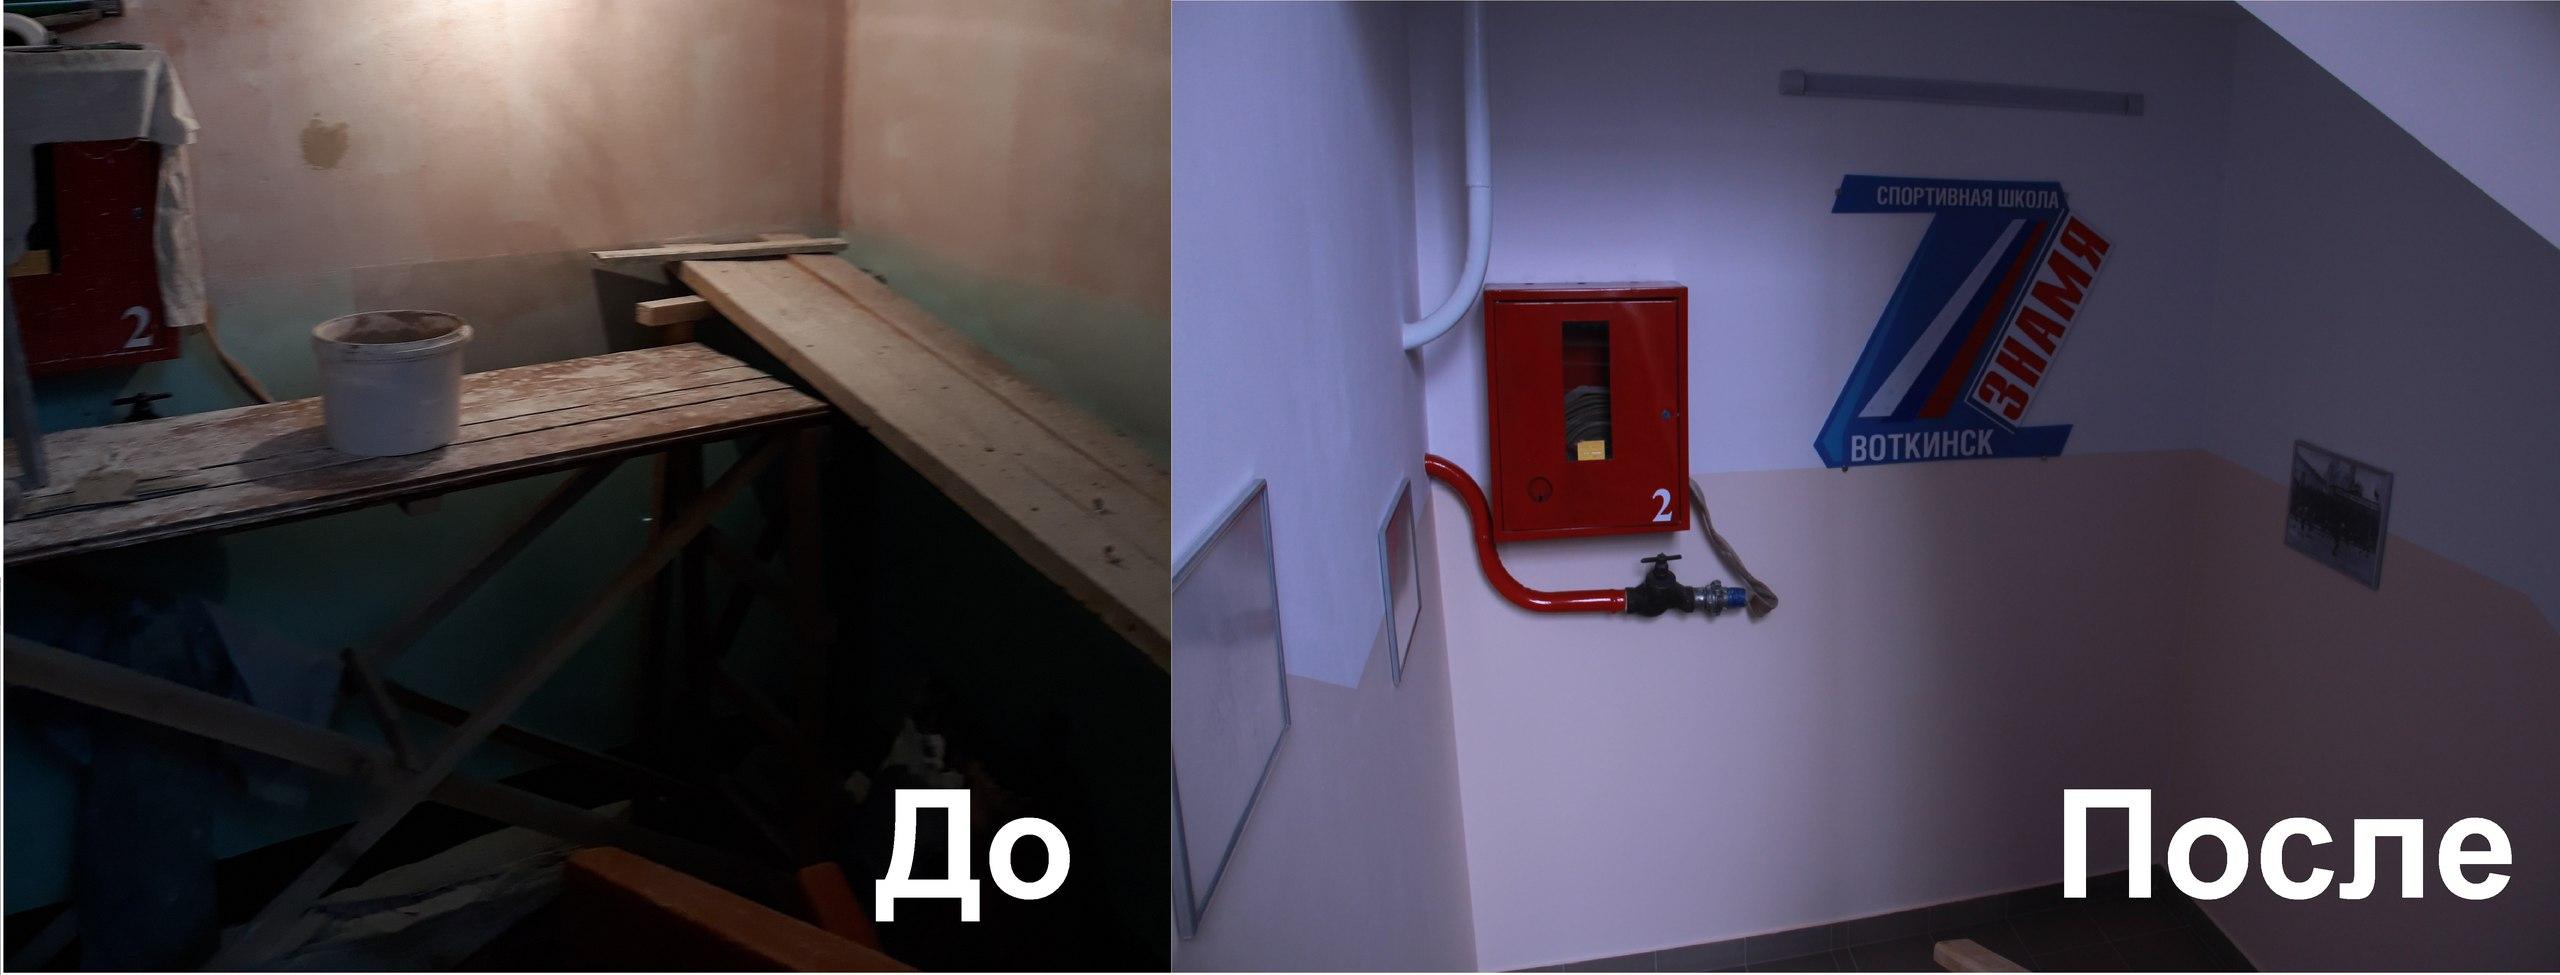 remont-1-min